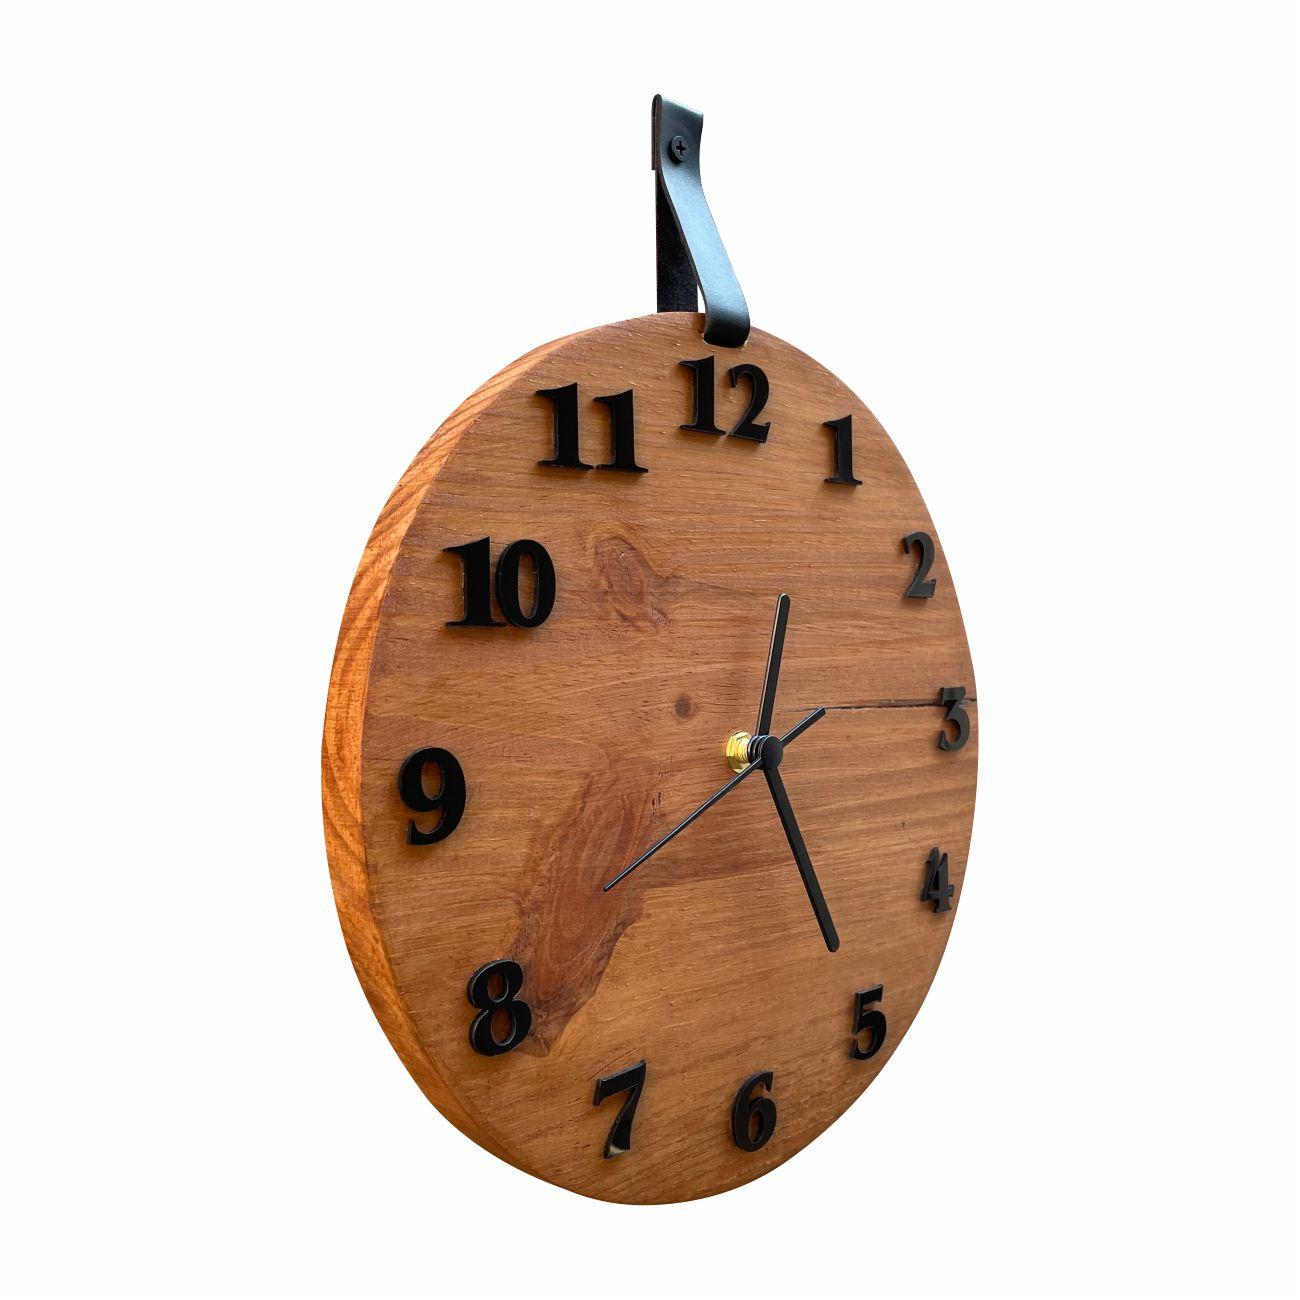 Relógio De Parede Decorativo Moderno Madeira Rústica